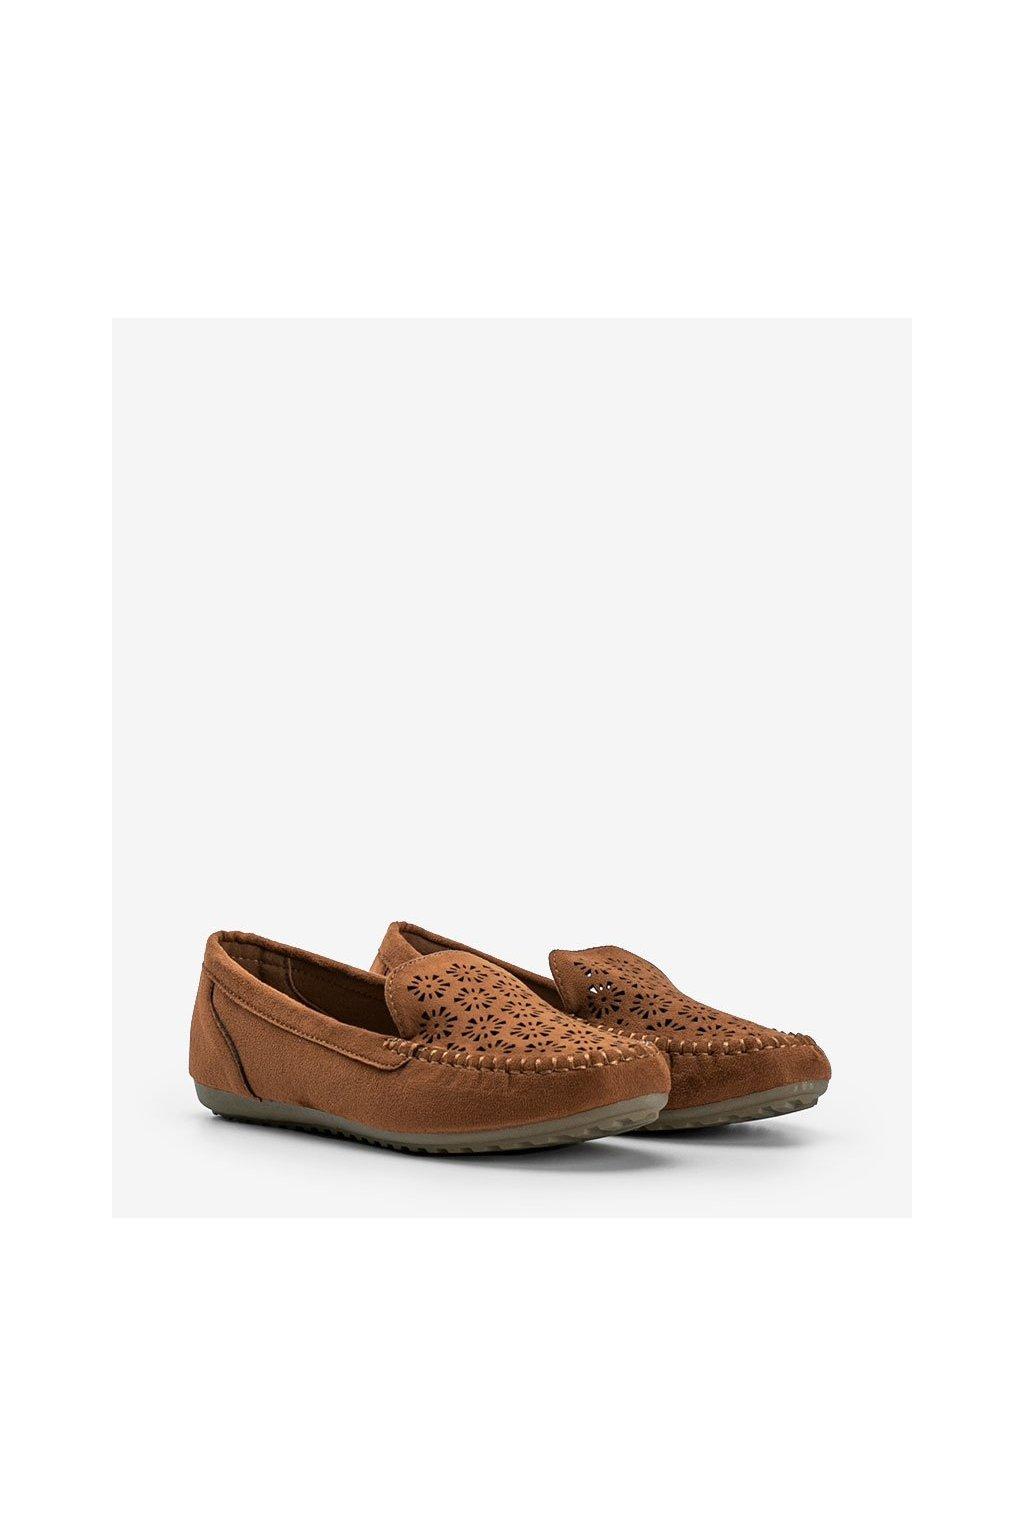 Dámske topánky mokasíny hnedé kód 195-13 - GM